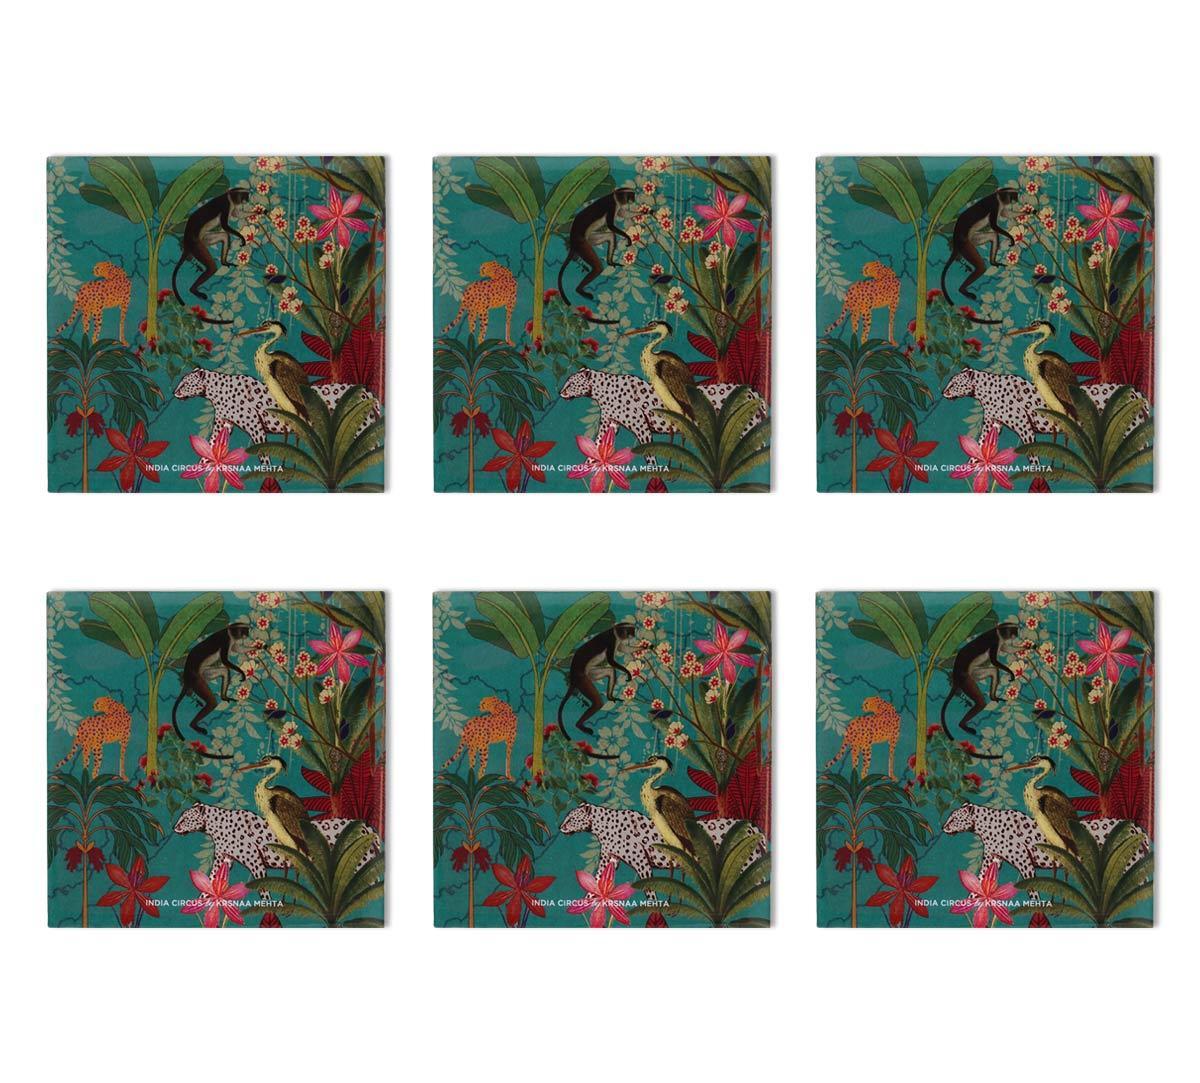 Animal Kingdom MDF Table Coaster Set of 6